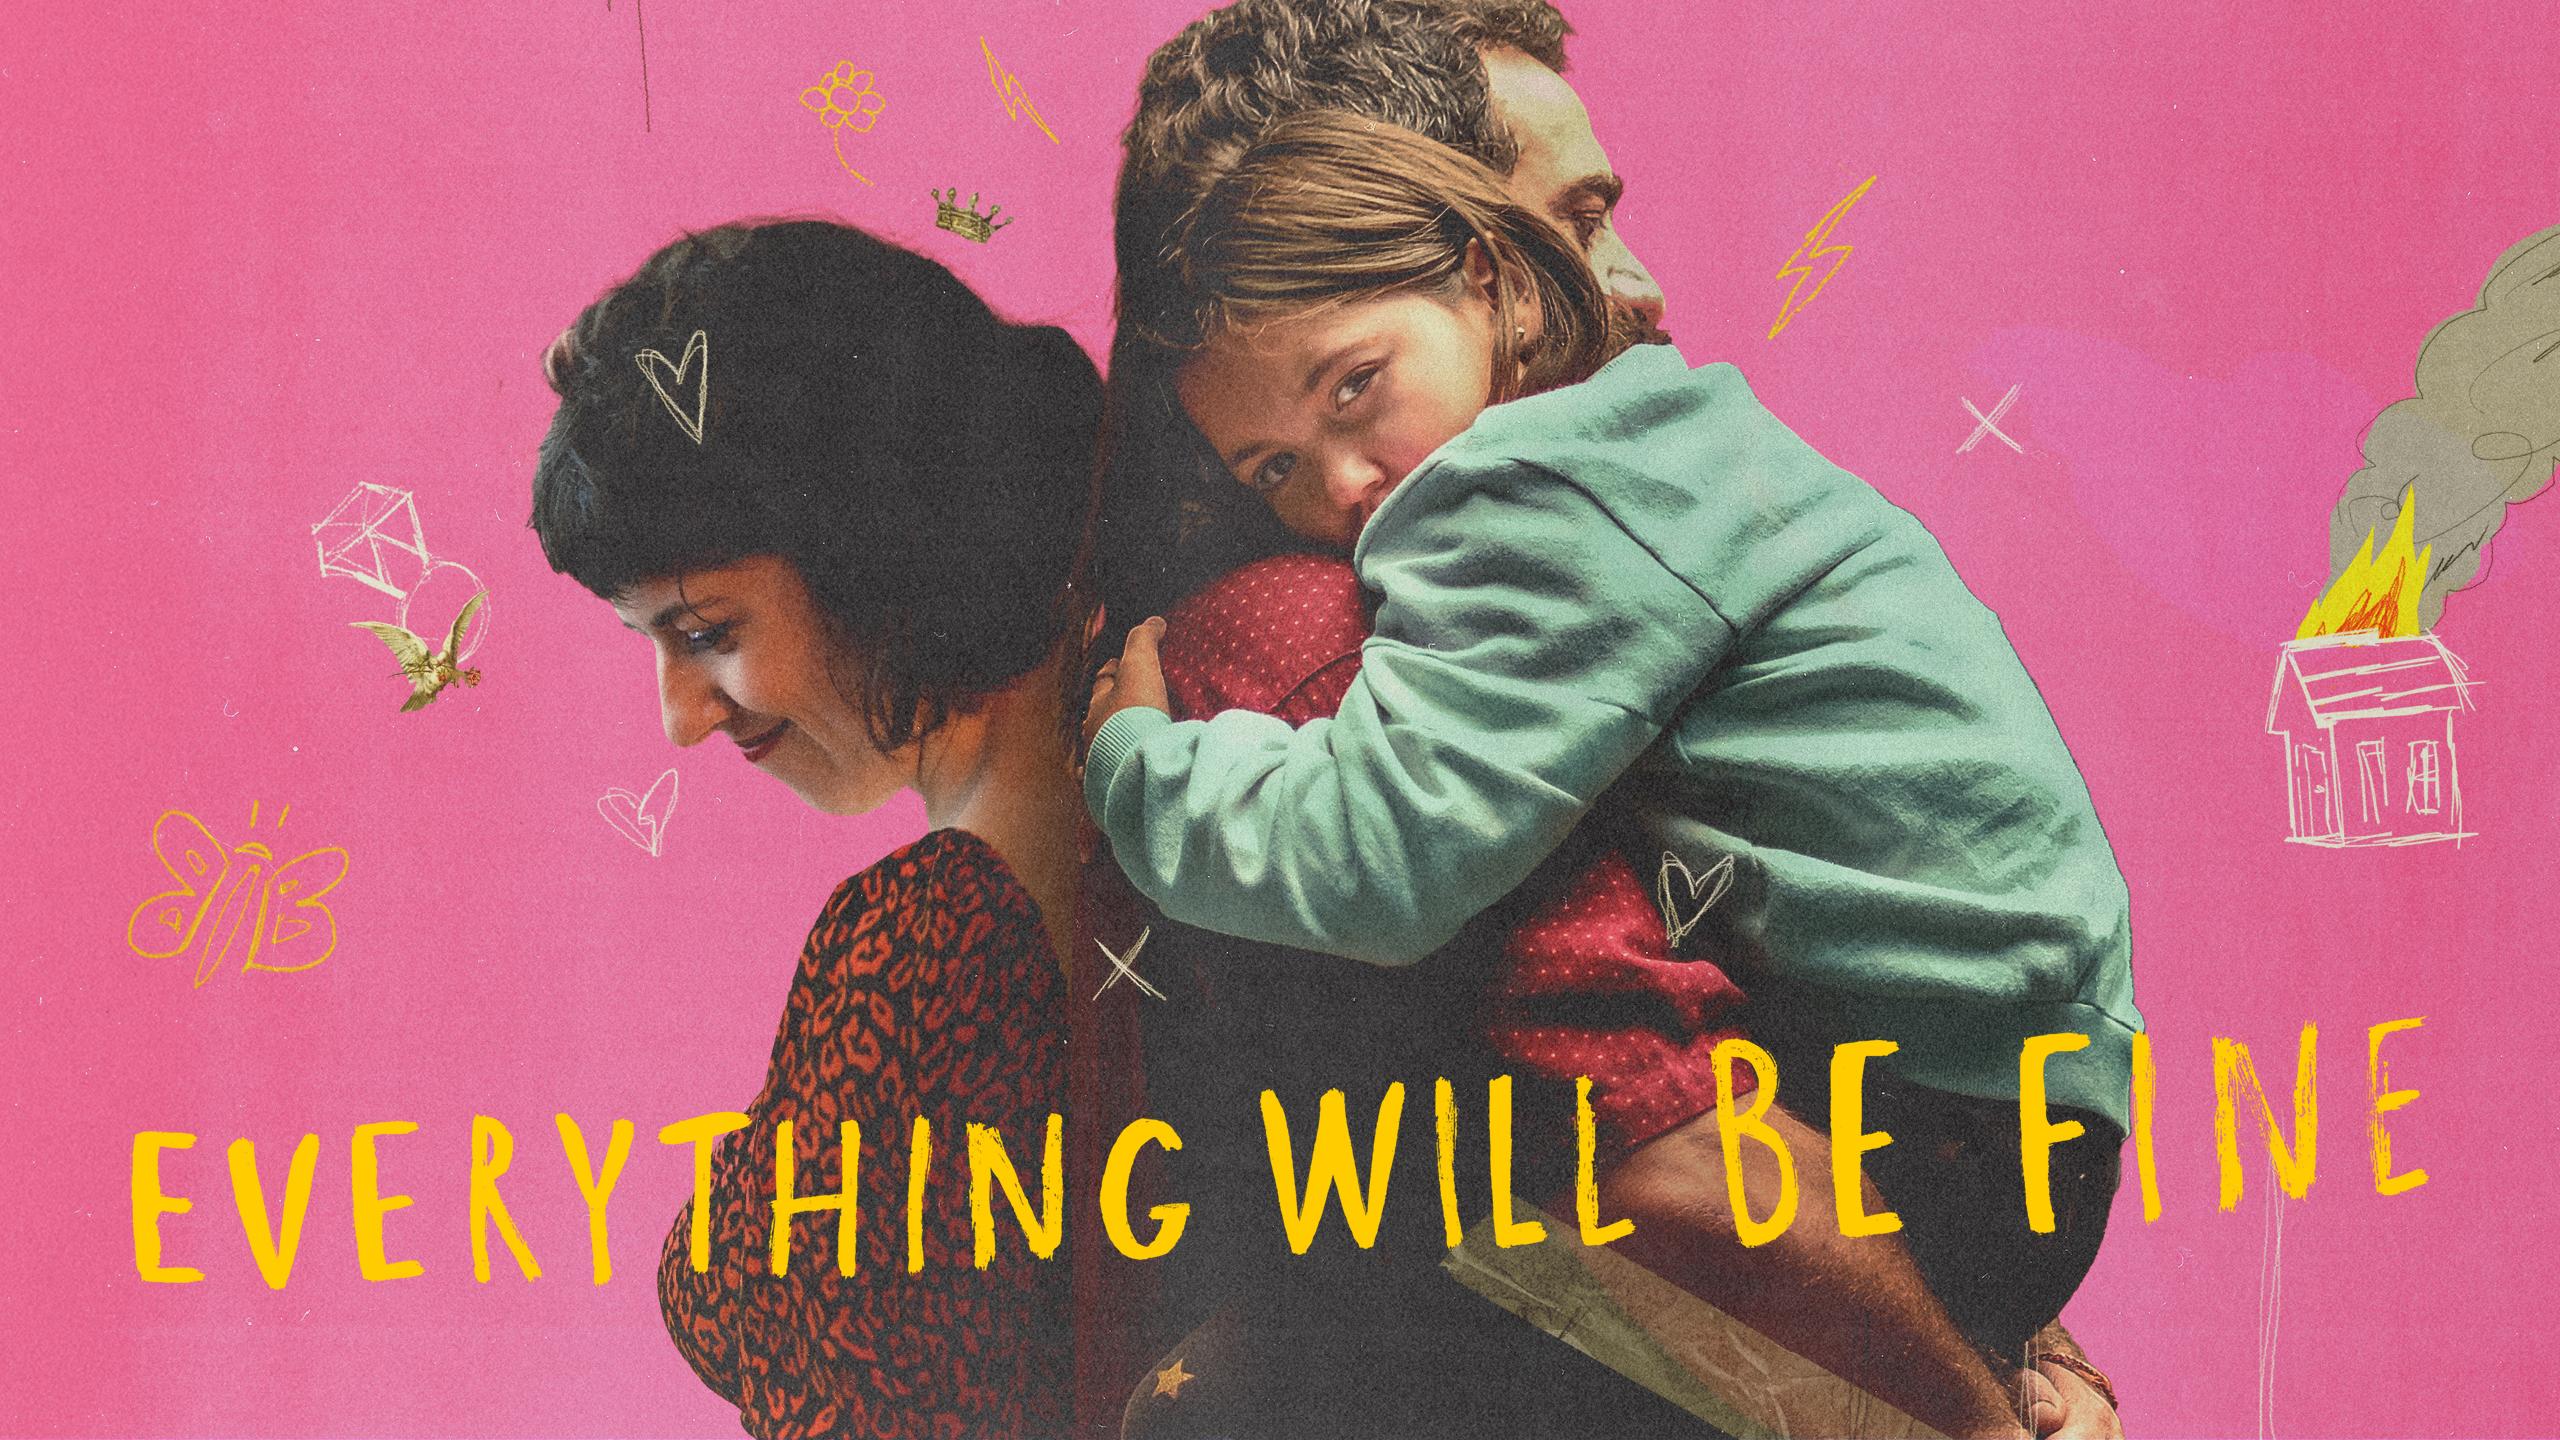 """Böyle İyiyiz-  Meksiko'da geçen günümüzdeki aile ve ilişki anlayışı üzerine kafa yoran dram-komedi türündeki dizi, iyi bir ebeveyn ve eş olmanın nasıl olduğu üzerine yoğunlaşıyor ve ayrılmış bir çiftin çocukları için birlikte yaşamaya devam etmesini konu alıyor. Dizinin yaratıcısı, yönetmeni ve yapımcısı olan Diego Luna bir blog gönderisinde; """"Bu hikâye mükemmel çift, aşk ve aile kurma fikri ile insanların bir ilişkiye dair sahip olabileceği karmaşık beklentilerini sorgulamaya yönelik ivedi bir ihtiyaçtan doğdu."""" ifadelerini kullandı. Dizinin oyuncu kadrosunda Lucia Uribe, Flavio Medina ve Isabella Vazquez Morales gibi isimler yer alıyor. İlk sezonu 20 Ağustos'ta yayınlanacak Biz Böyleyiz'i Netflix'ten izleyebilirsiniz."""